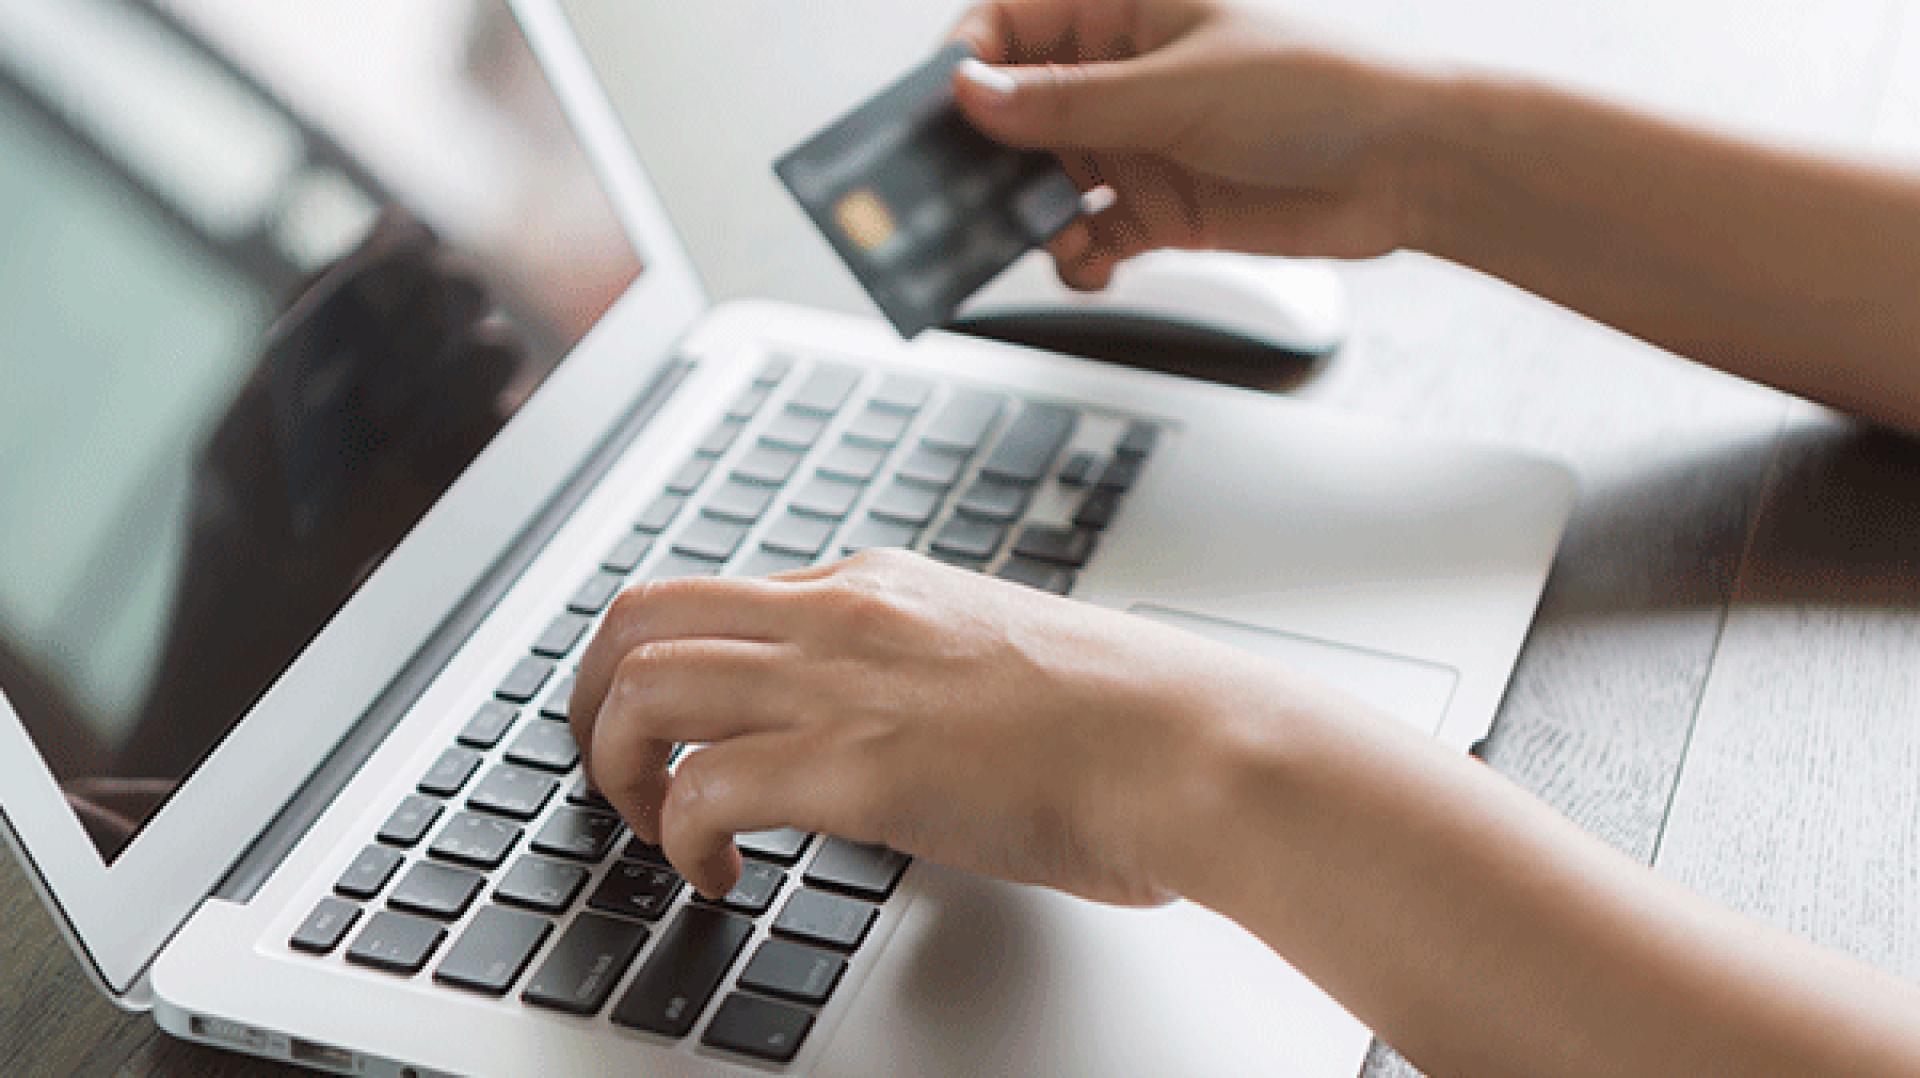 SMTP aplicado ao e-commerce: como estimular as vendas por meio do envio automatizado de e-mails